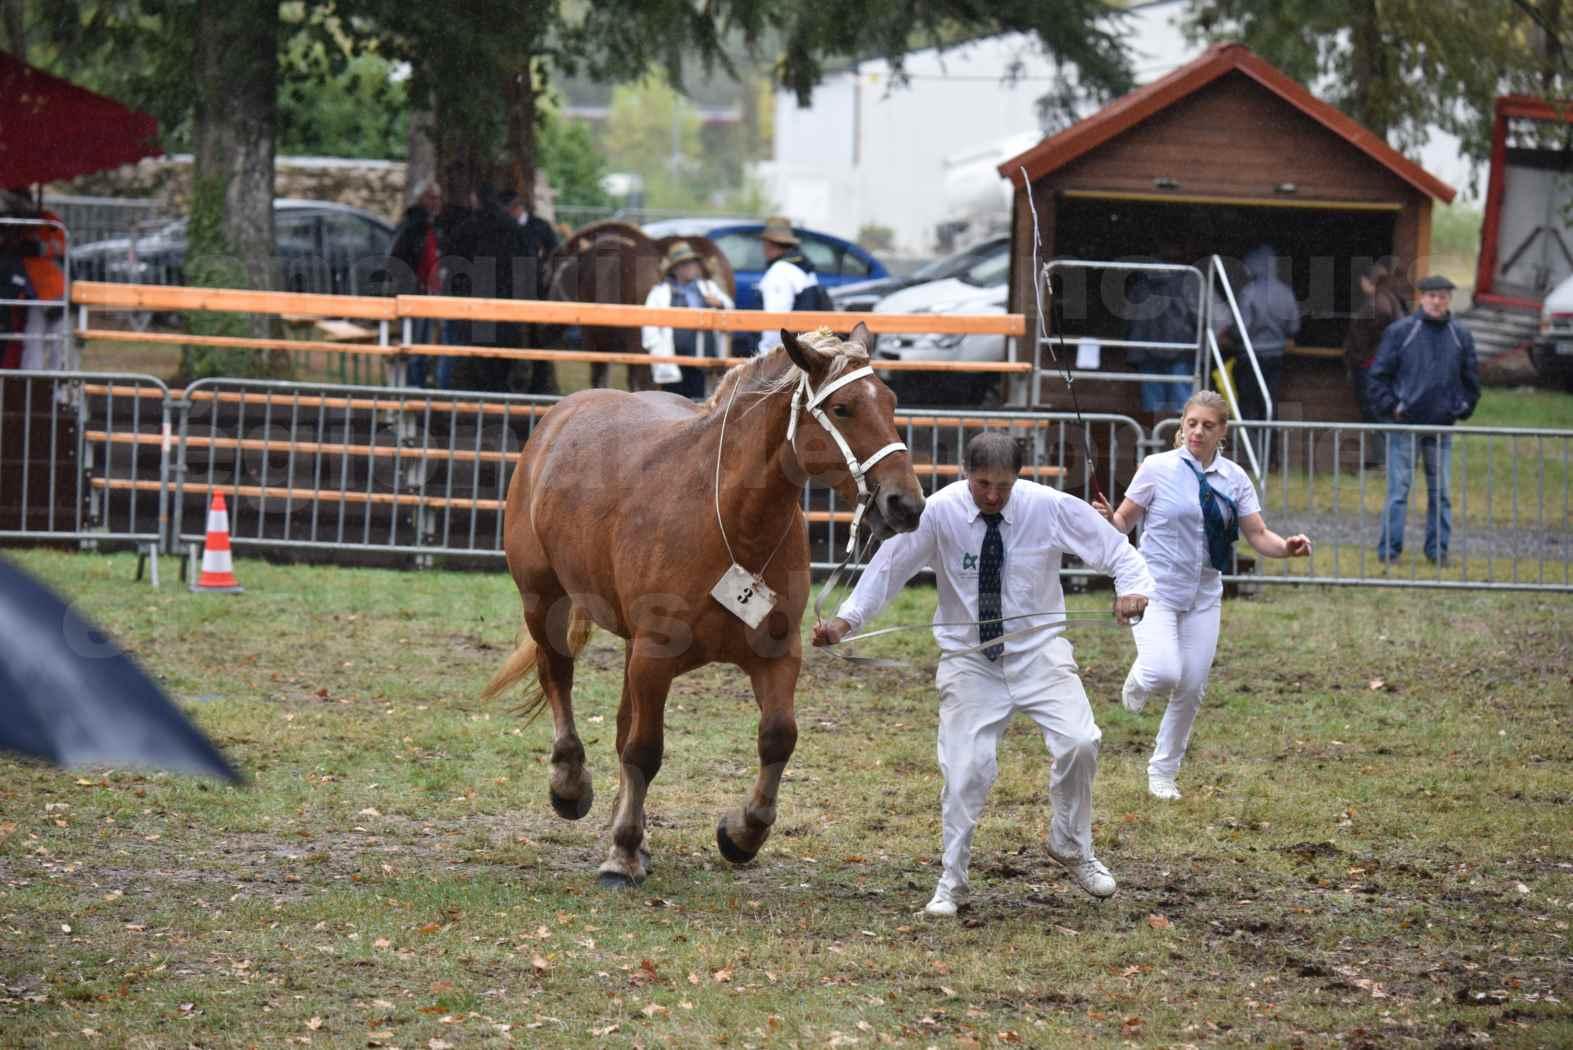 Concours Régional de chevaux de traits en 2017 - Trait COMTOIS - FIDJY DE GRILLOLES - 06